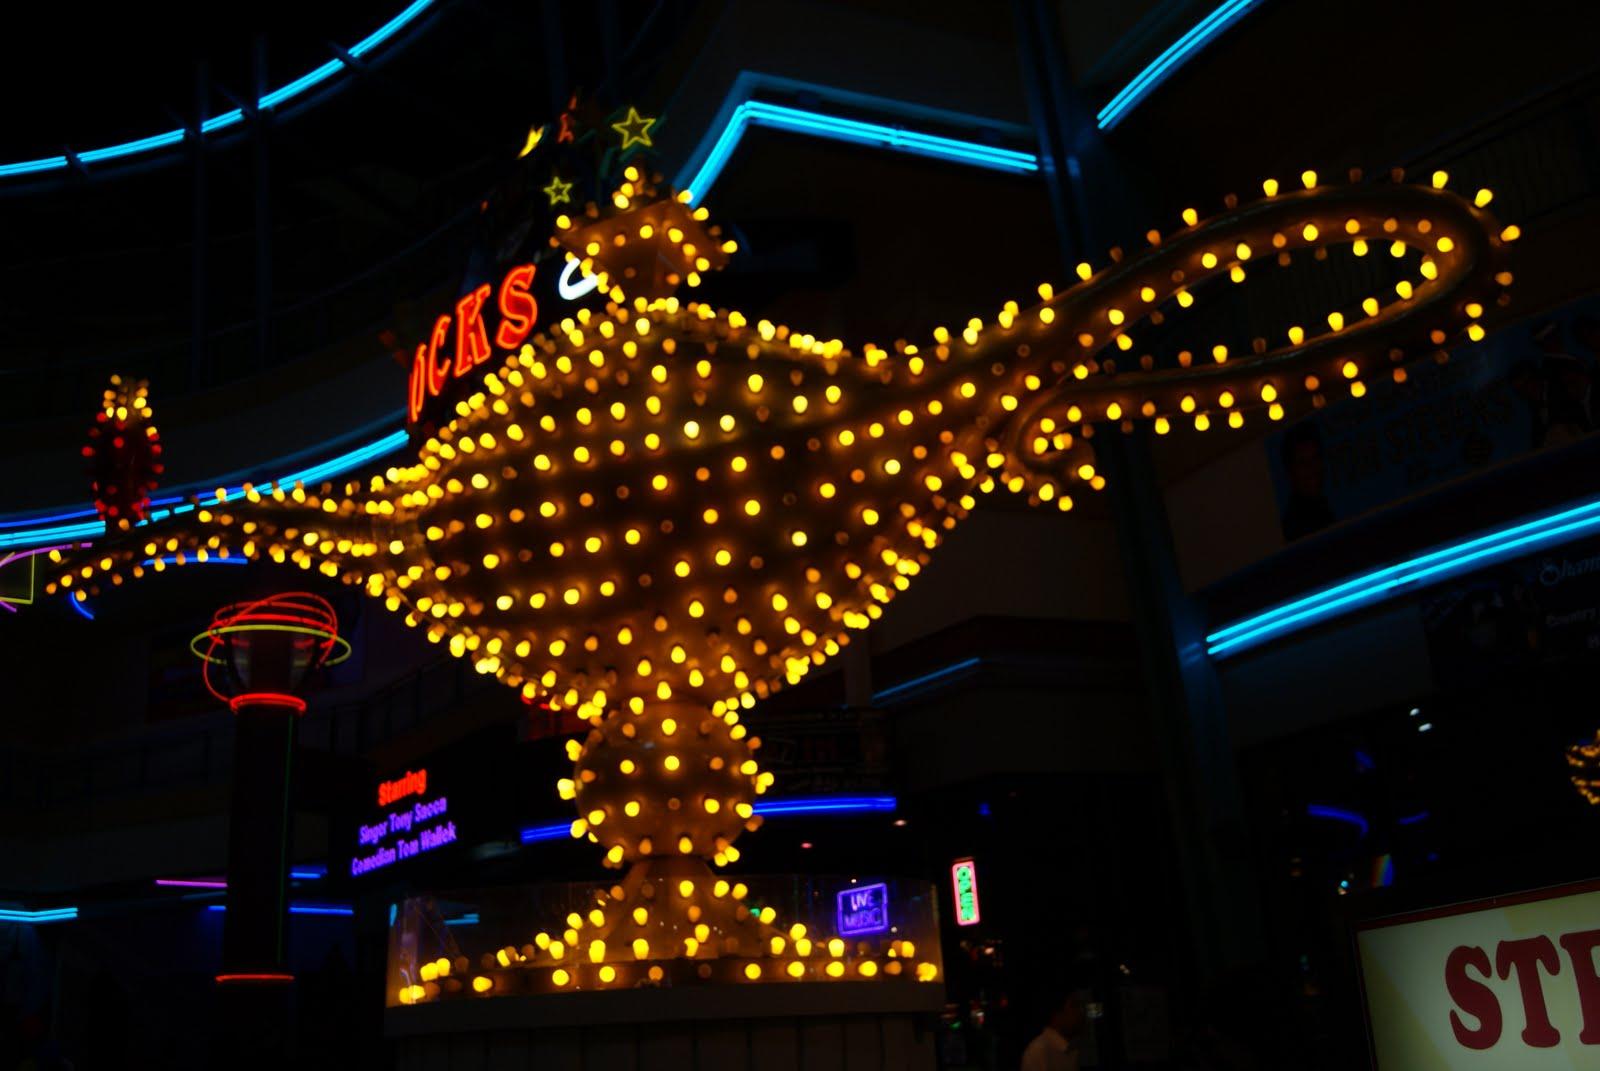 http://1.bp.blogspot.com/-s7us9ROFrf4/T-s2_n7tZiI/AAAAAAAANRc/ZQDYZvRhEOc/s1600/Vegas+SLR+161lights.jpg